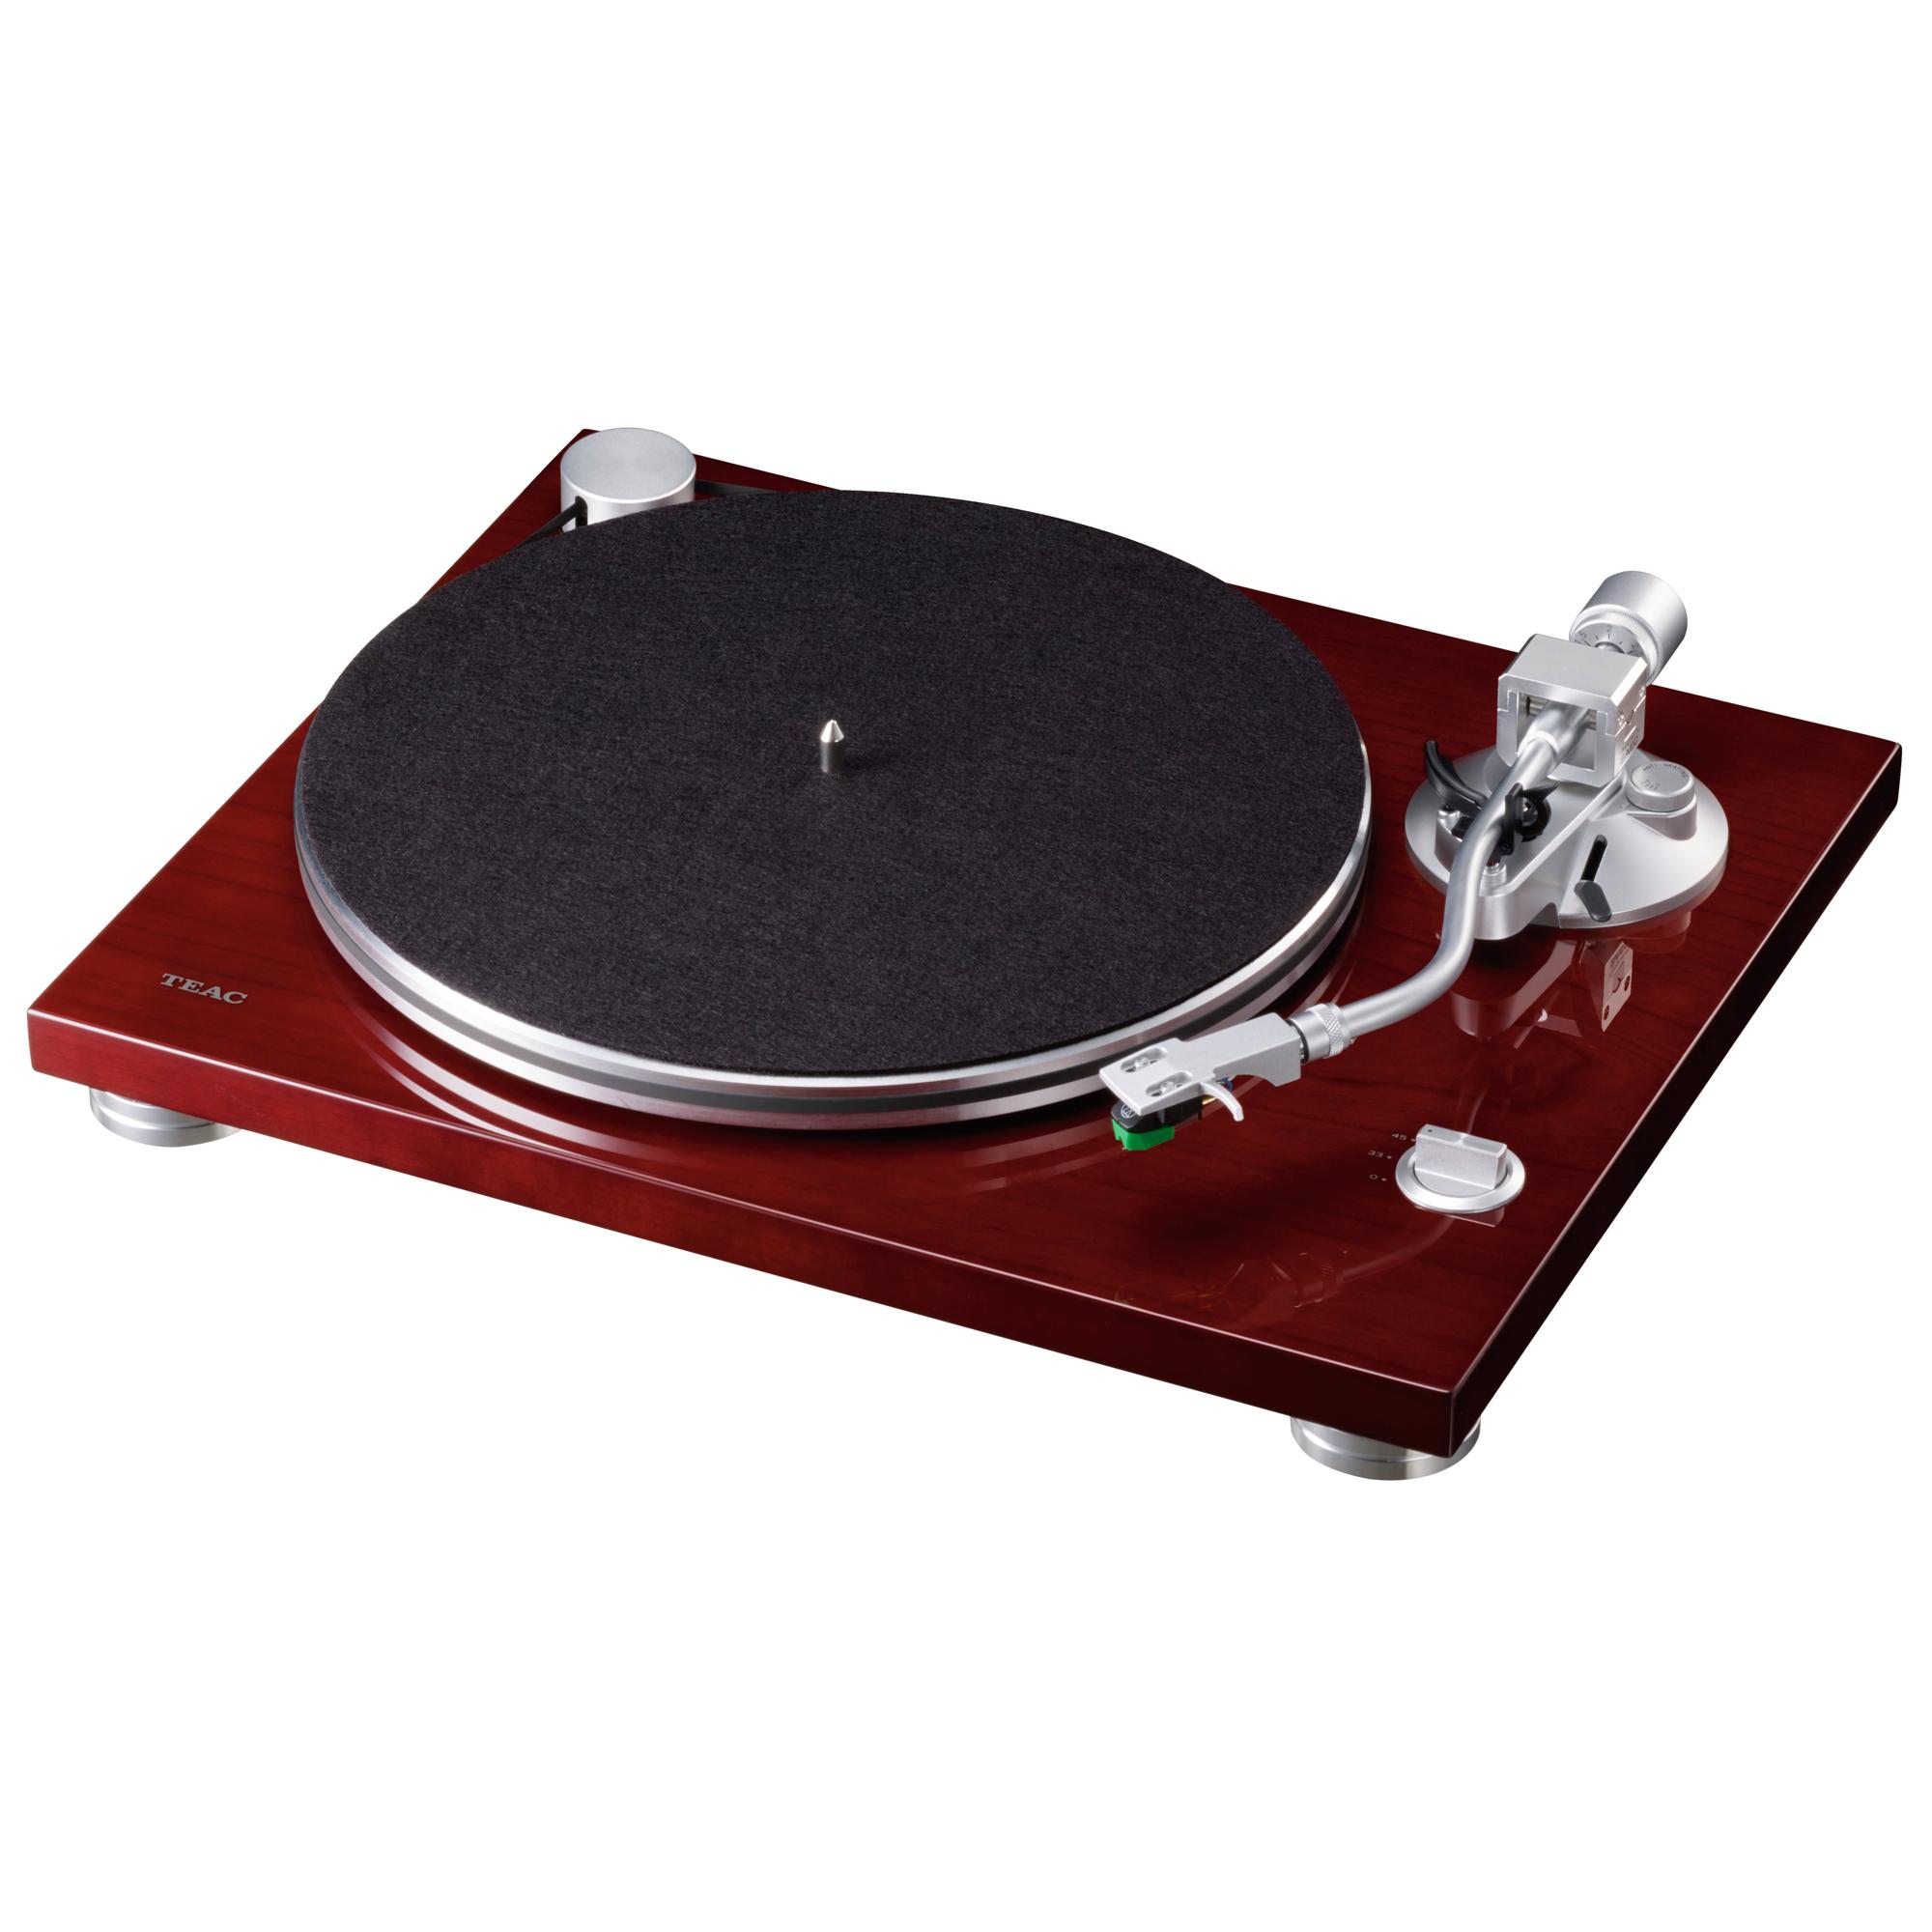 Teac TN-3B kirsche Plattenspieler 44187